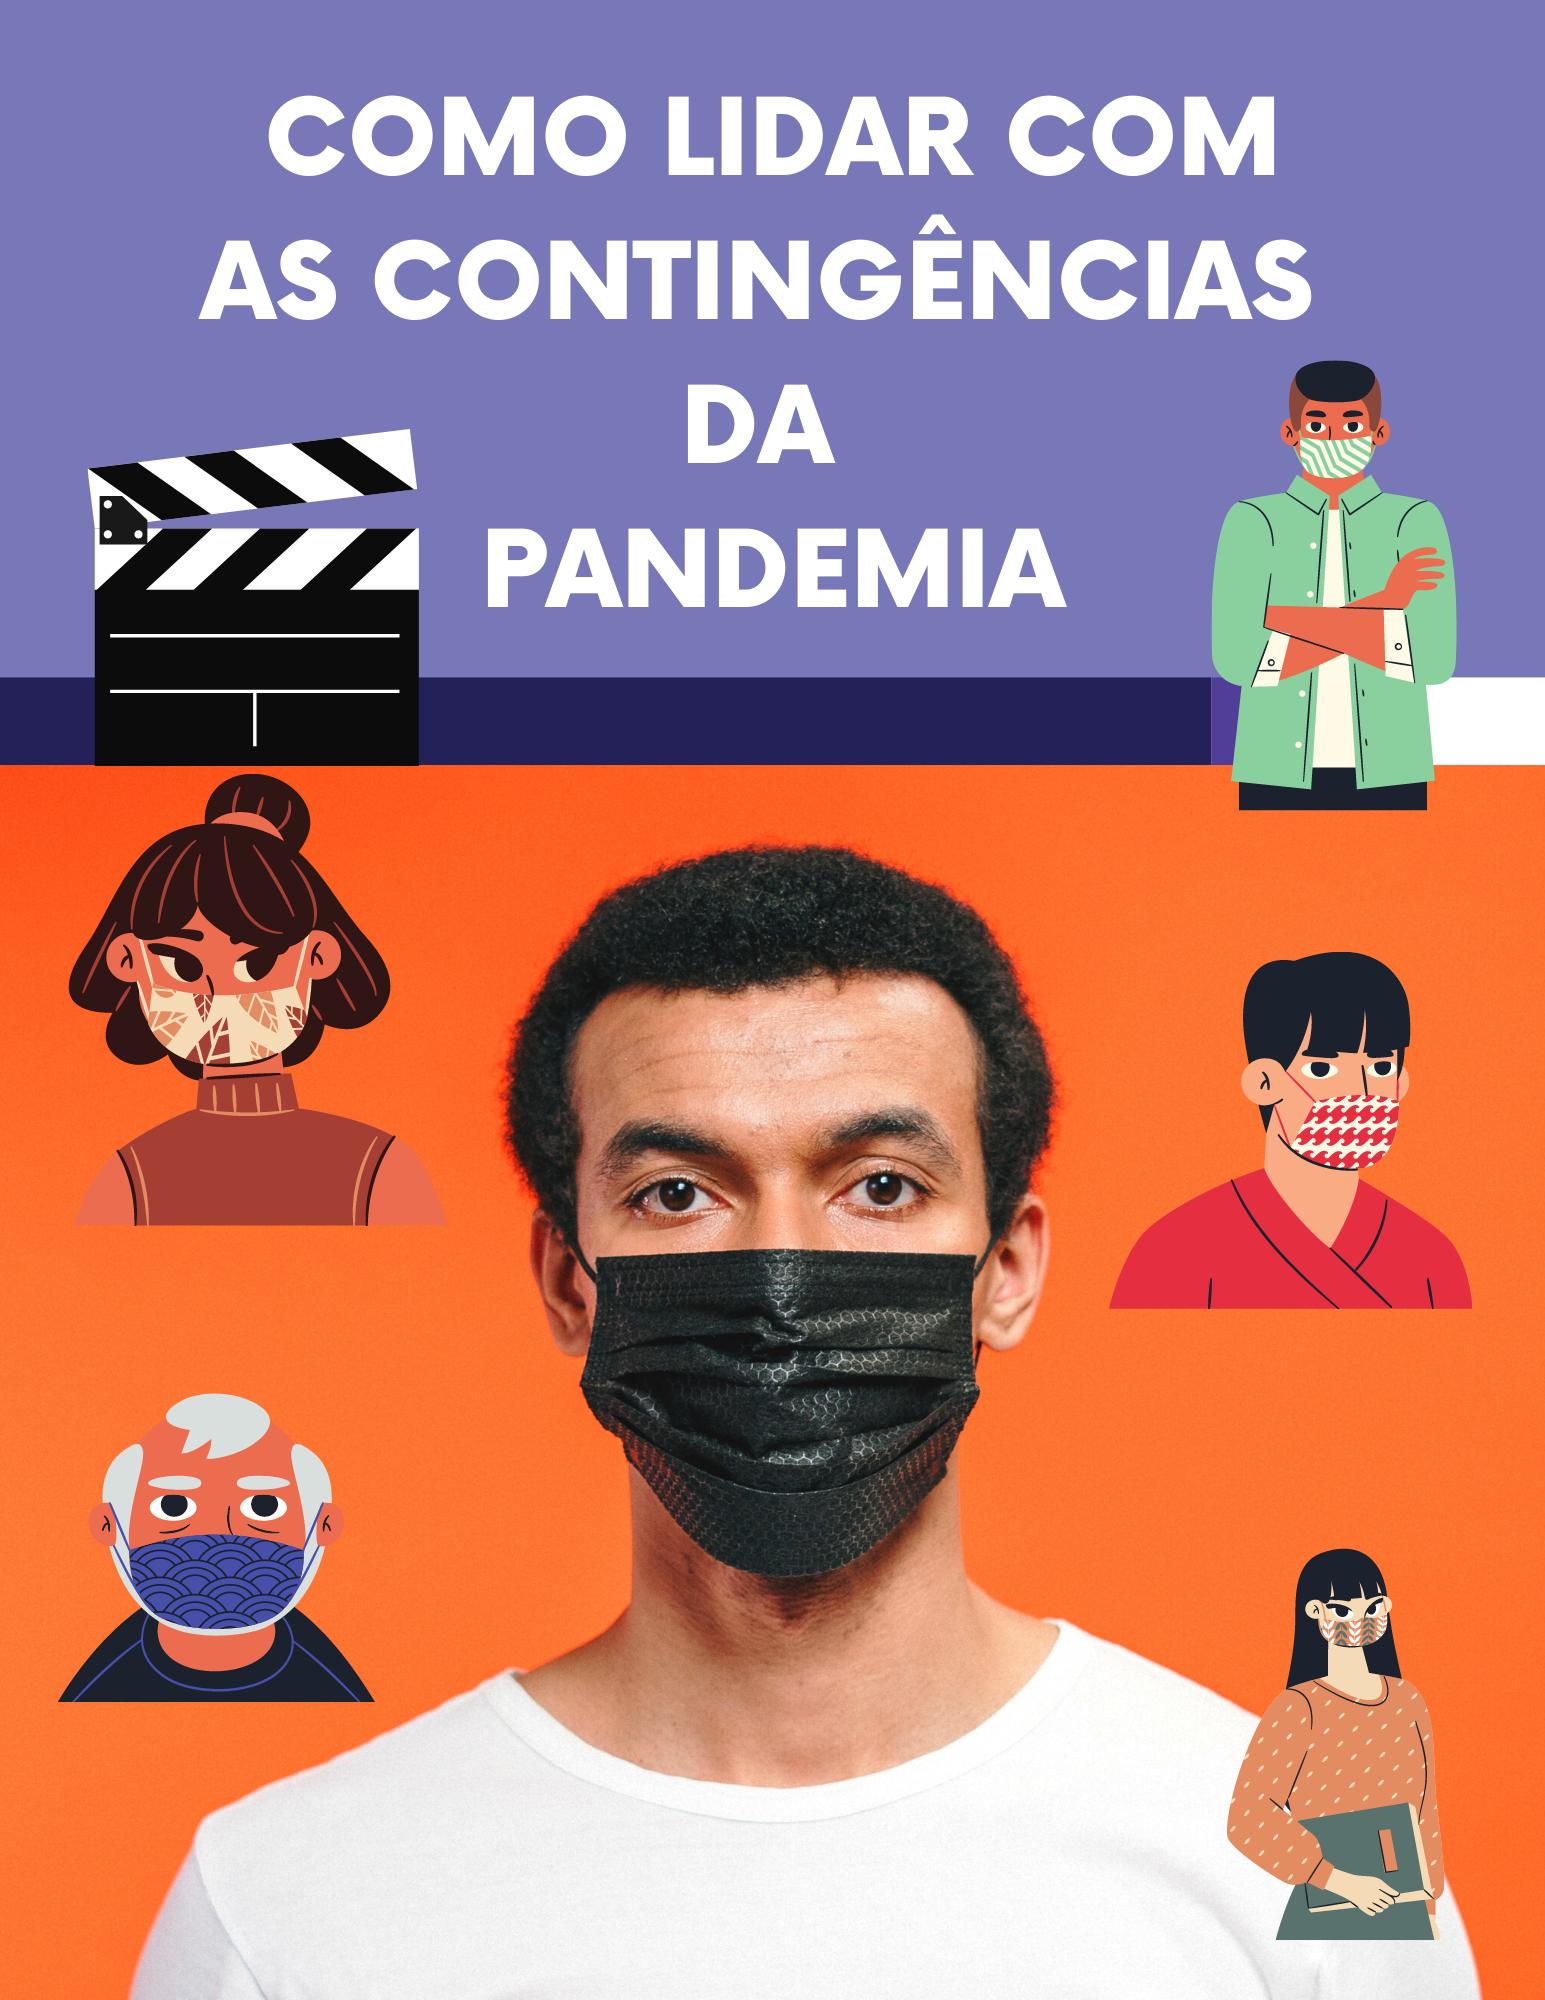 Conselhos Uteis Em Tempos de Pandemia